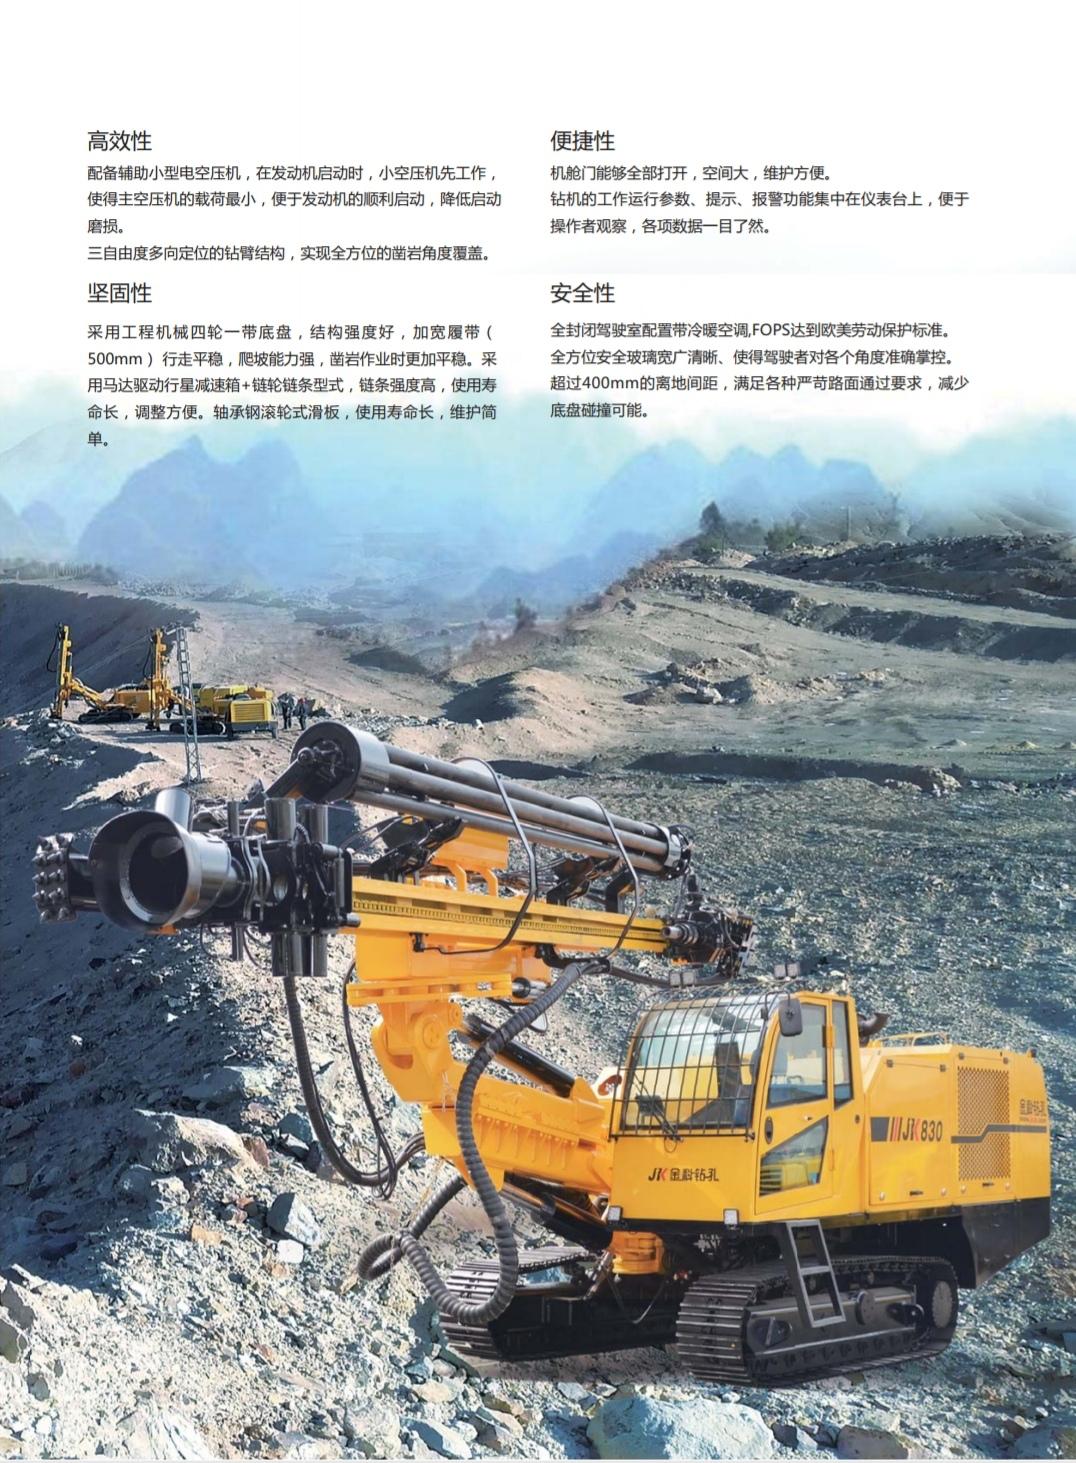 金科JK830钻机、金科钻机供应商、金科钻机价格、采购金科钻机